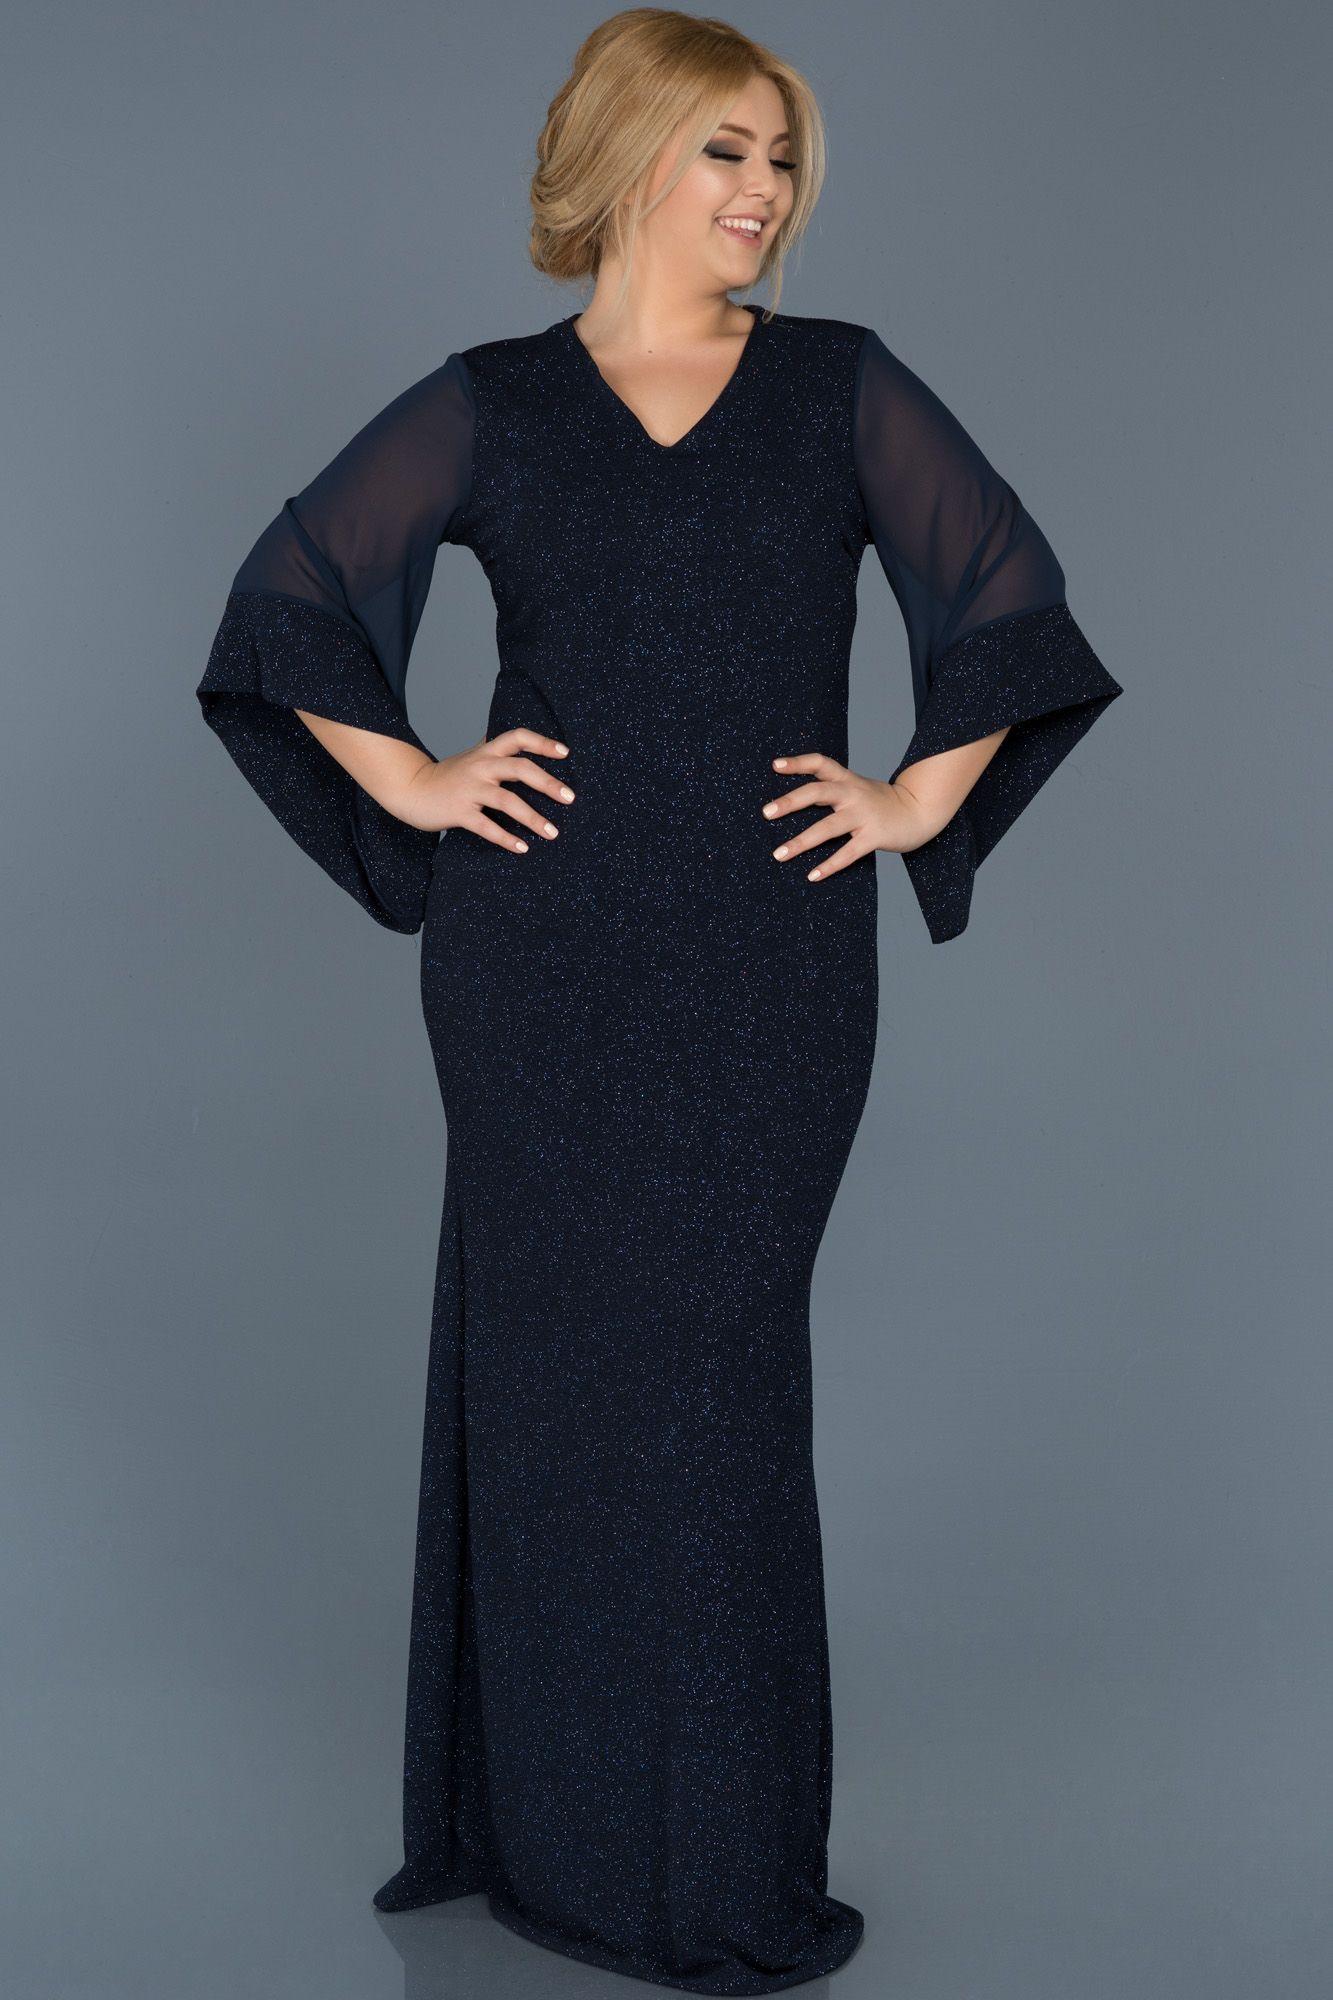 Lacivert V Yaka Simli Buyuk Beden Abiye Abu539 Elbise Modelleri Elbise The Dress